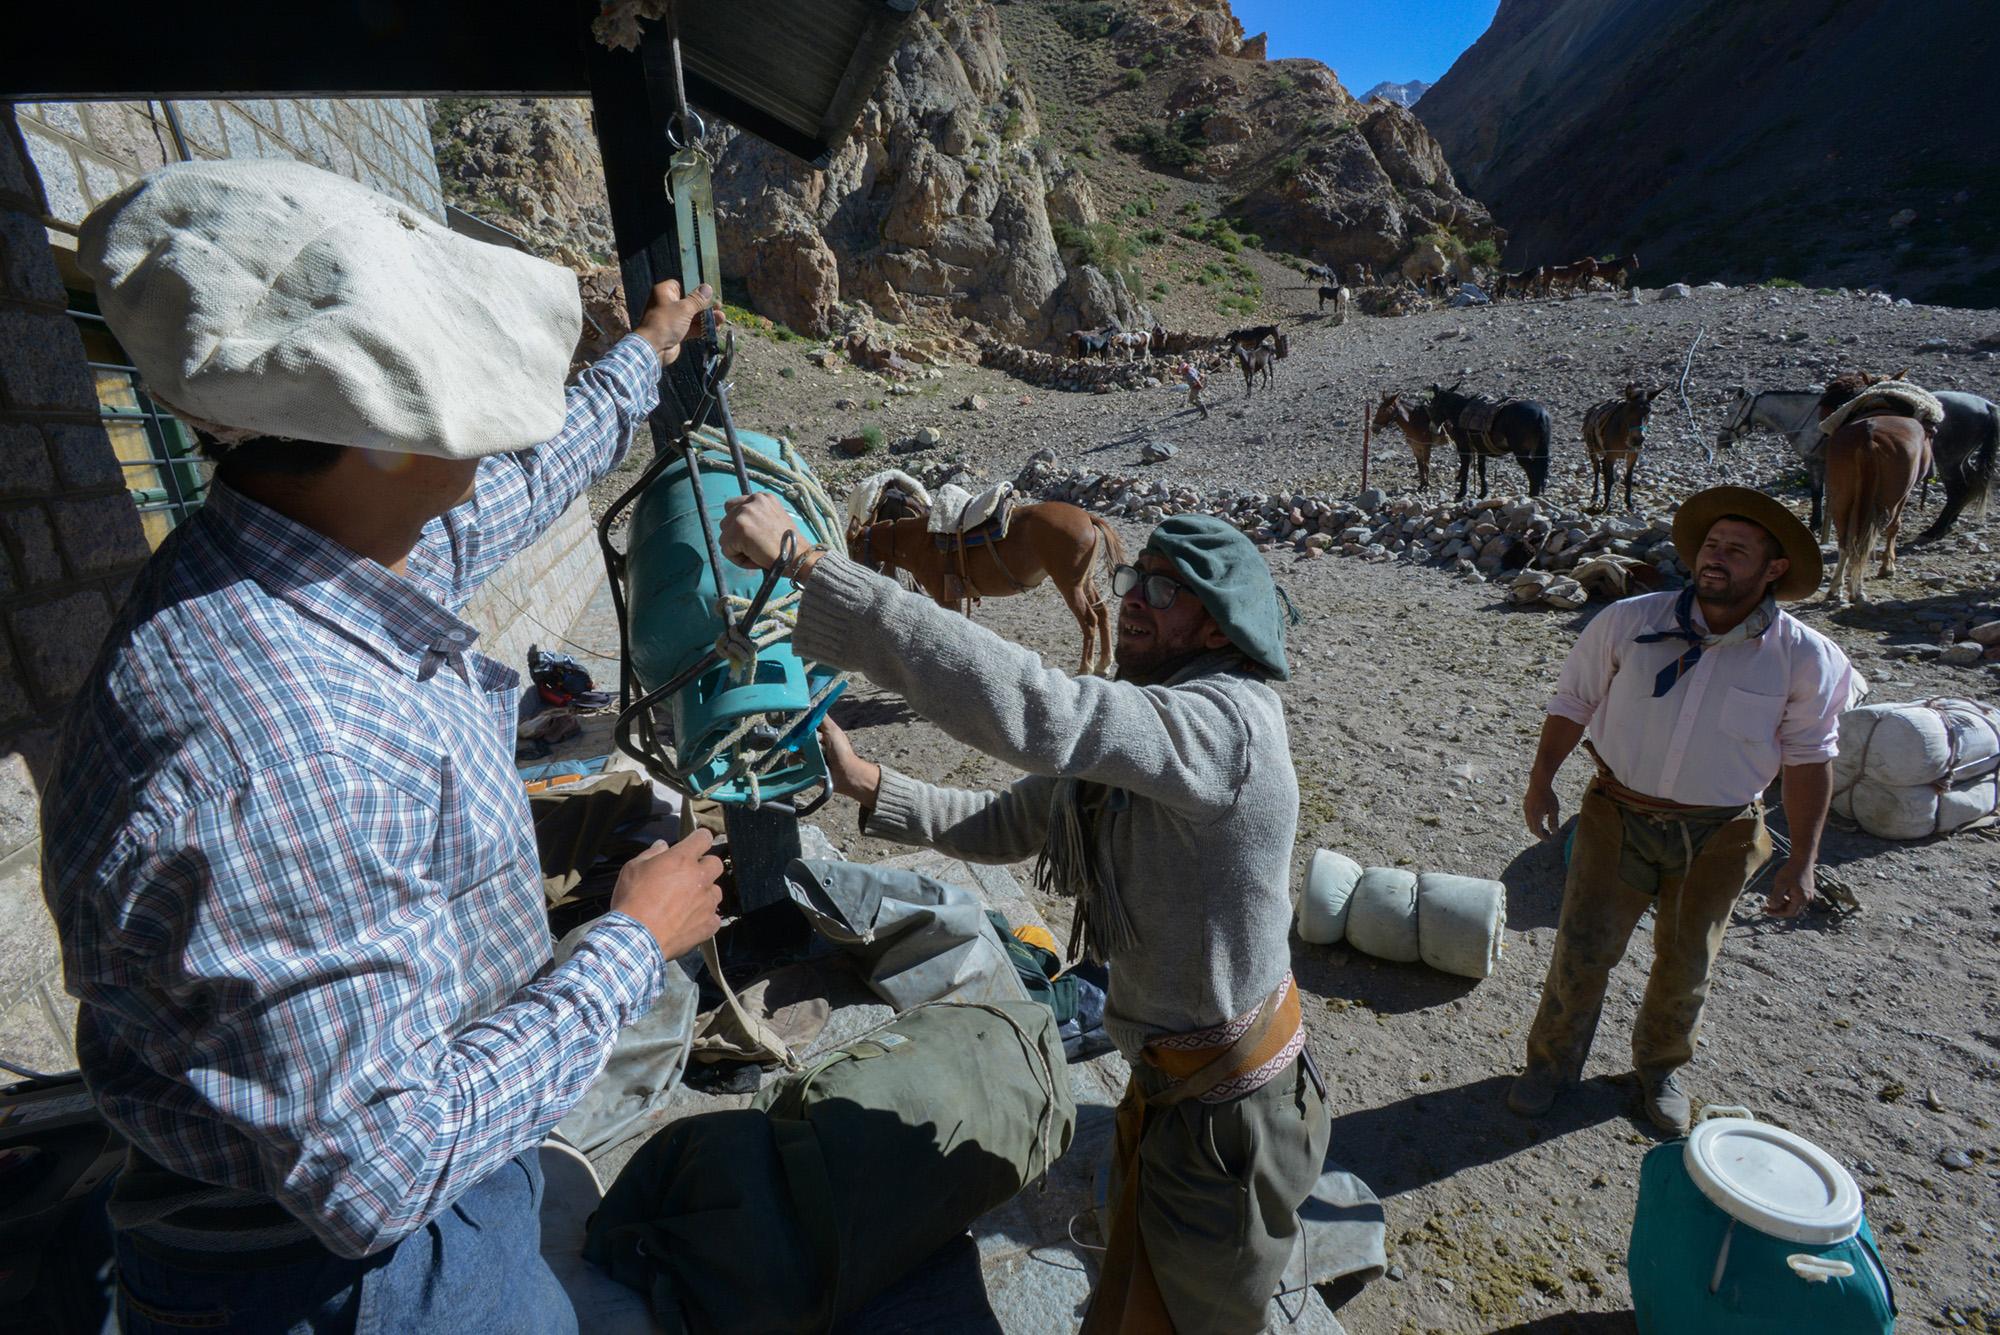 Cruce de los Andes. Los arrieros comienzan su trabajo bien temprano. (PH: Andrómeda agencia)